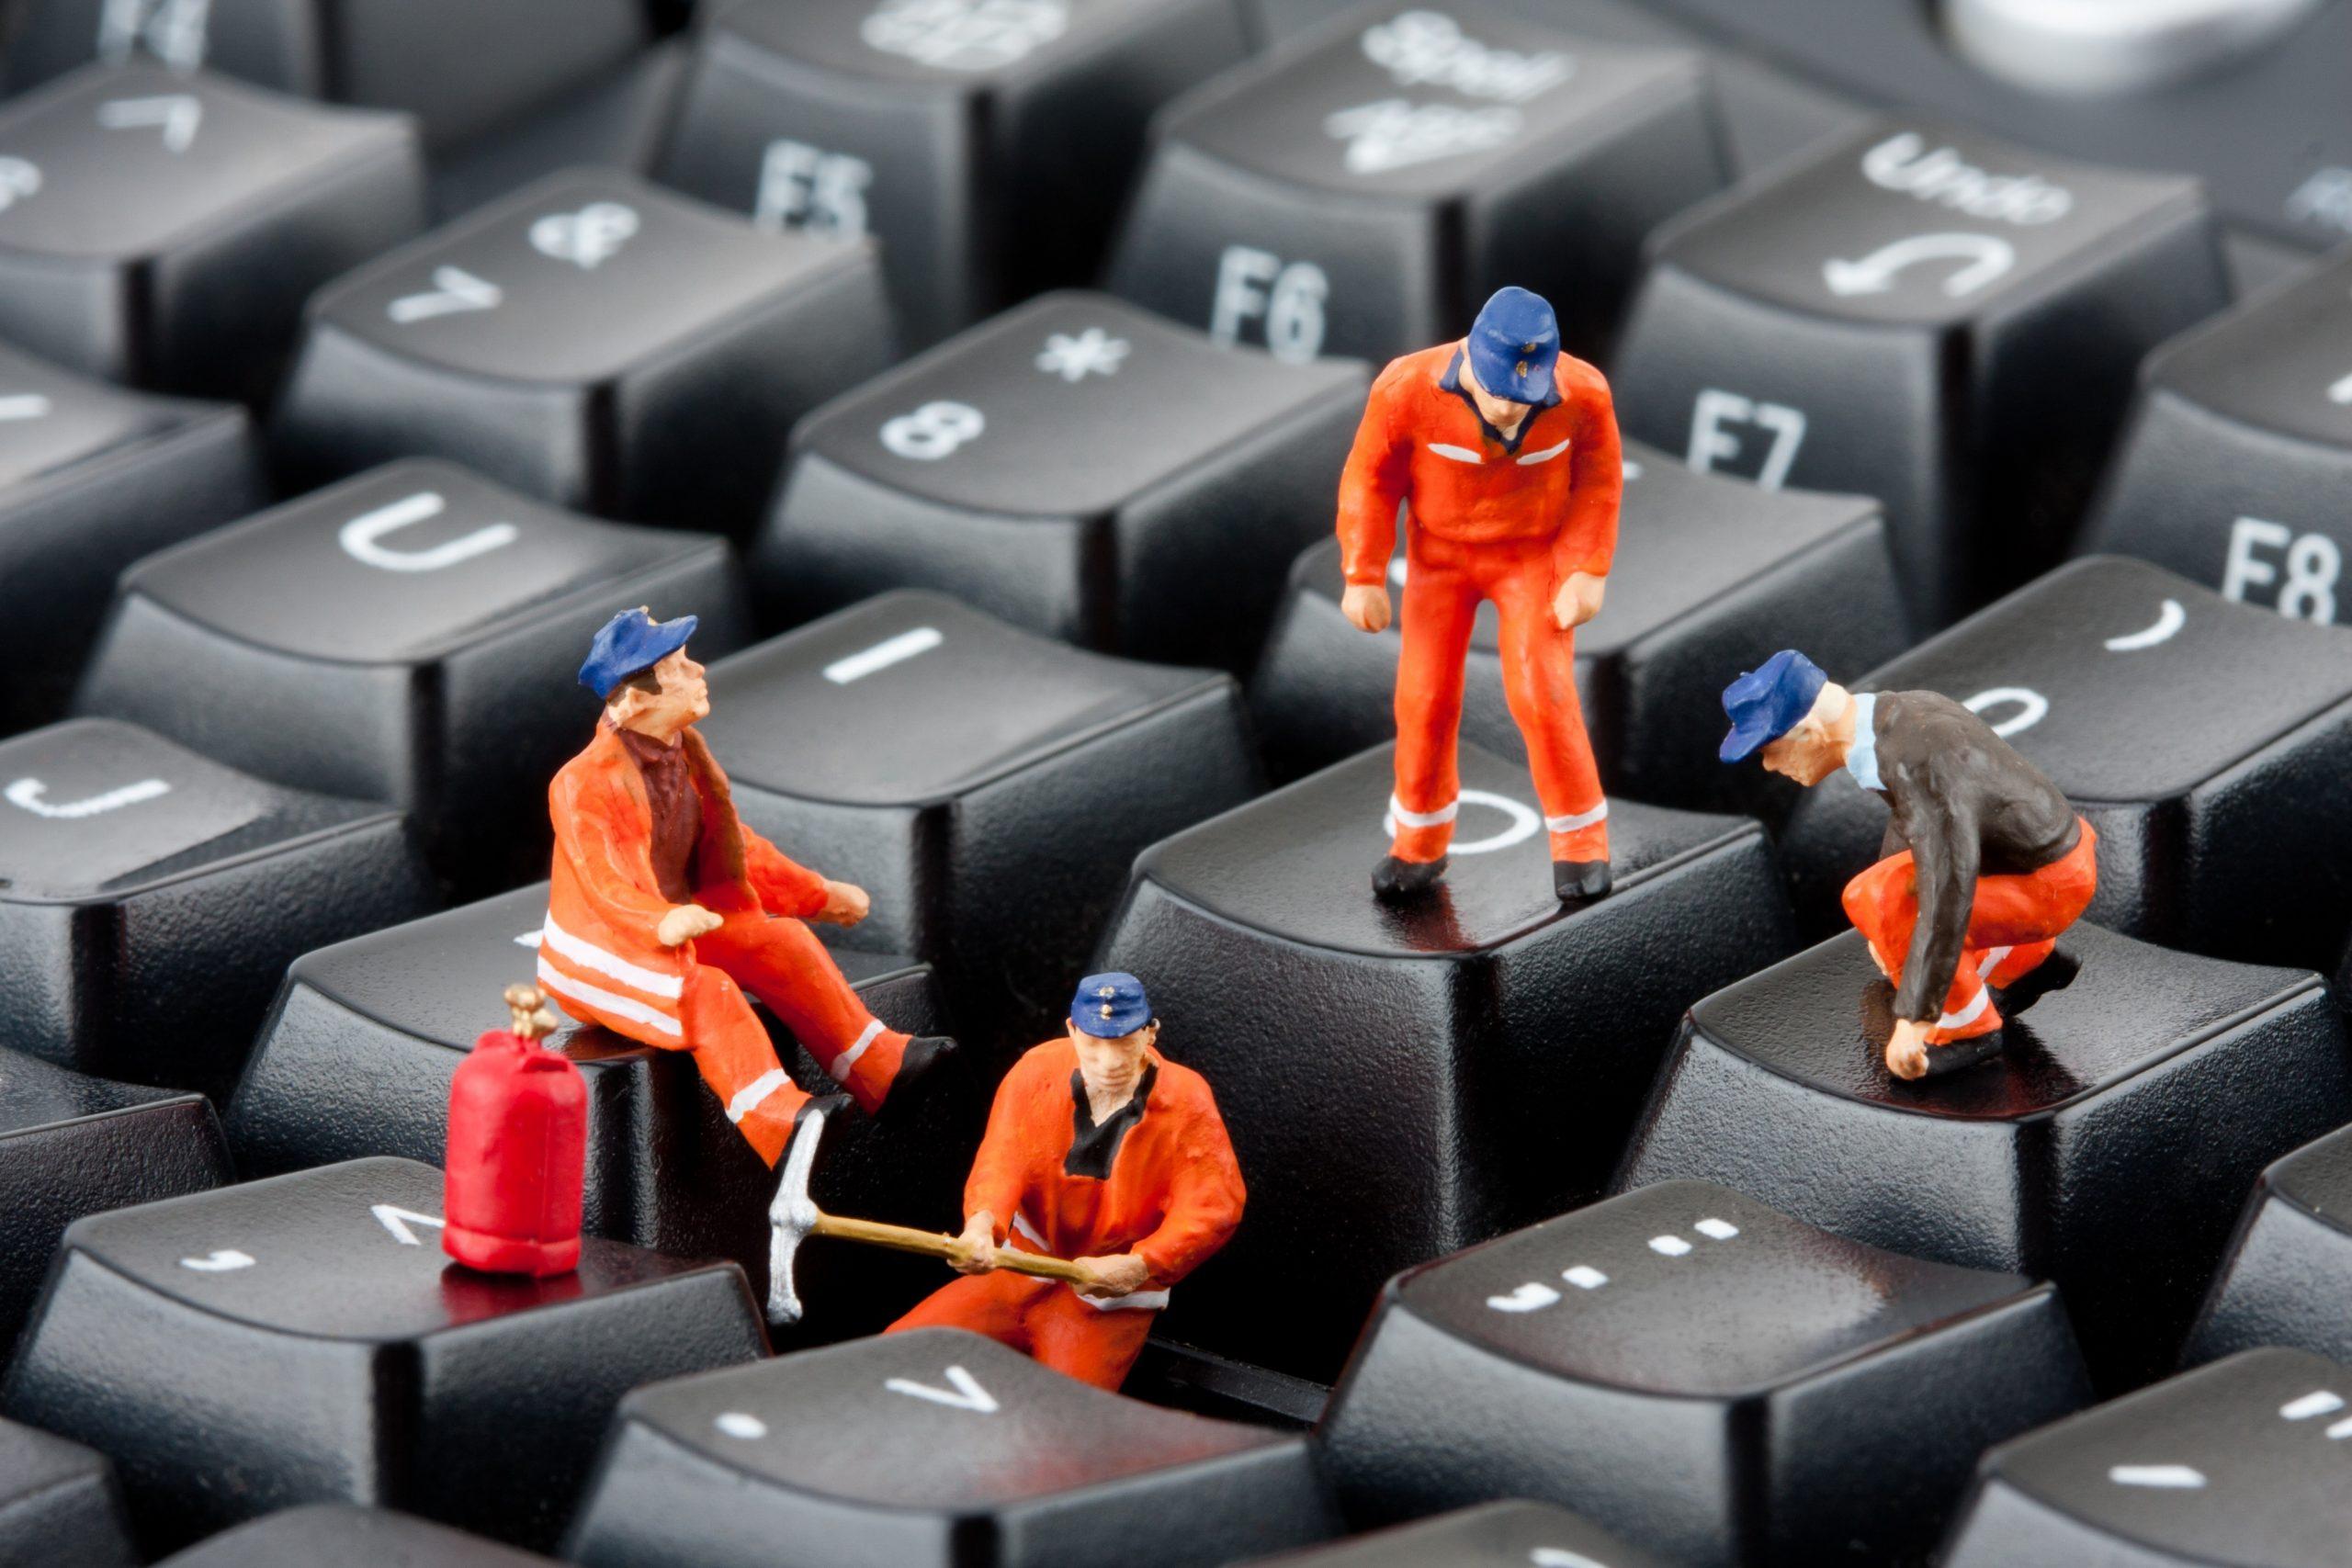 Es importante tener el teclado aseado